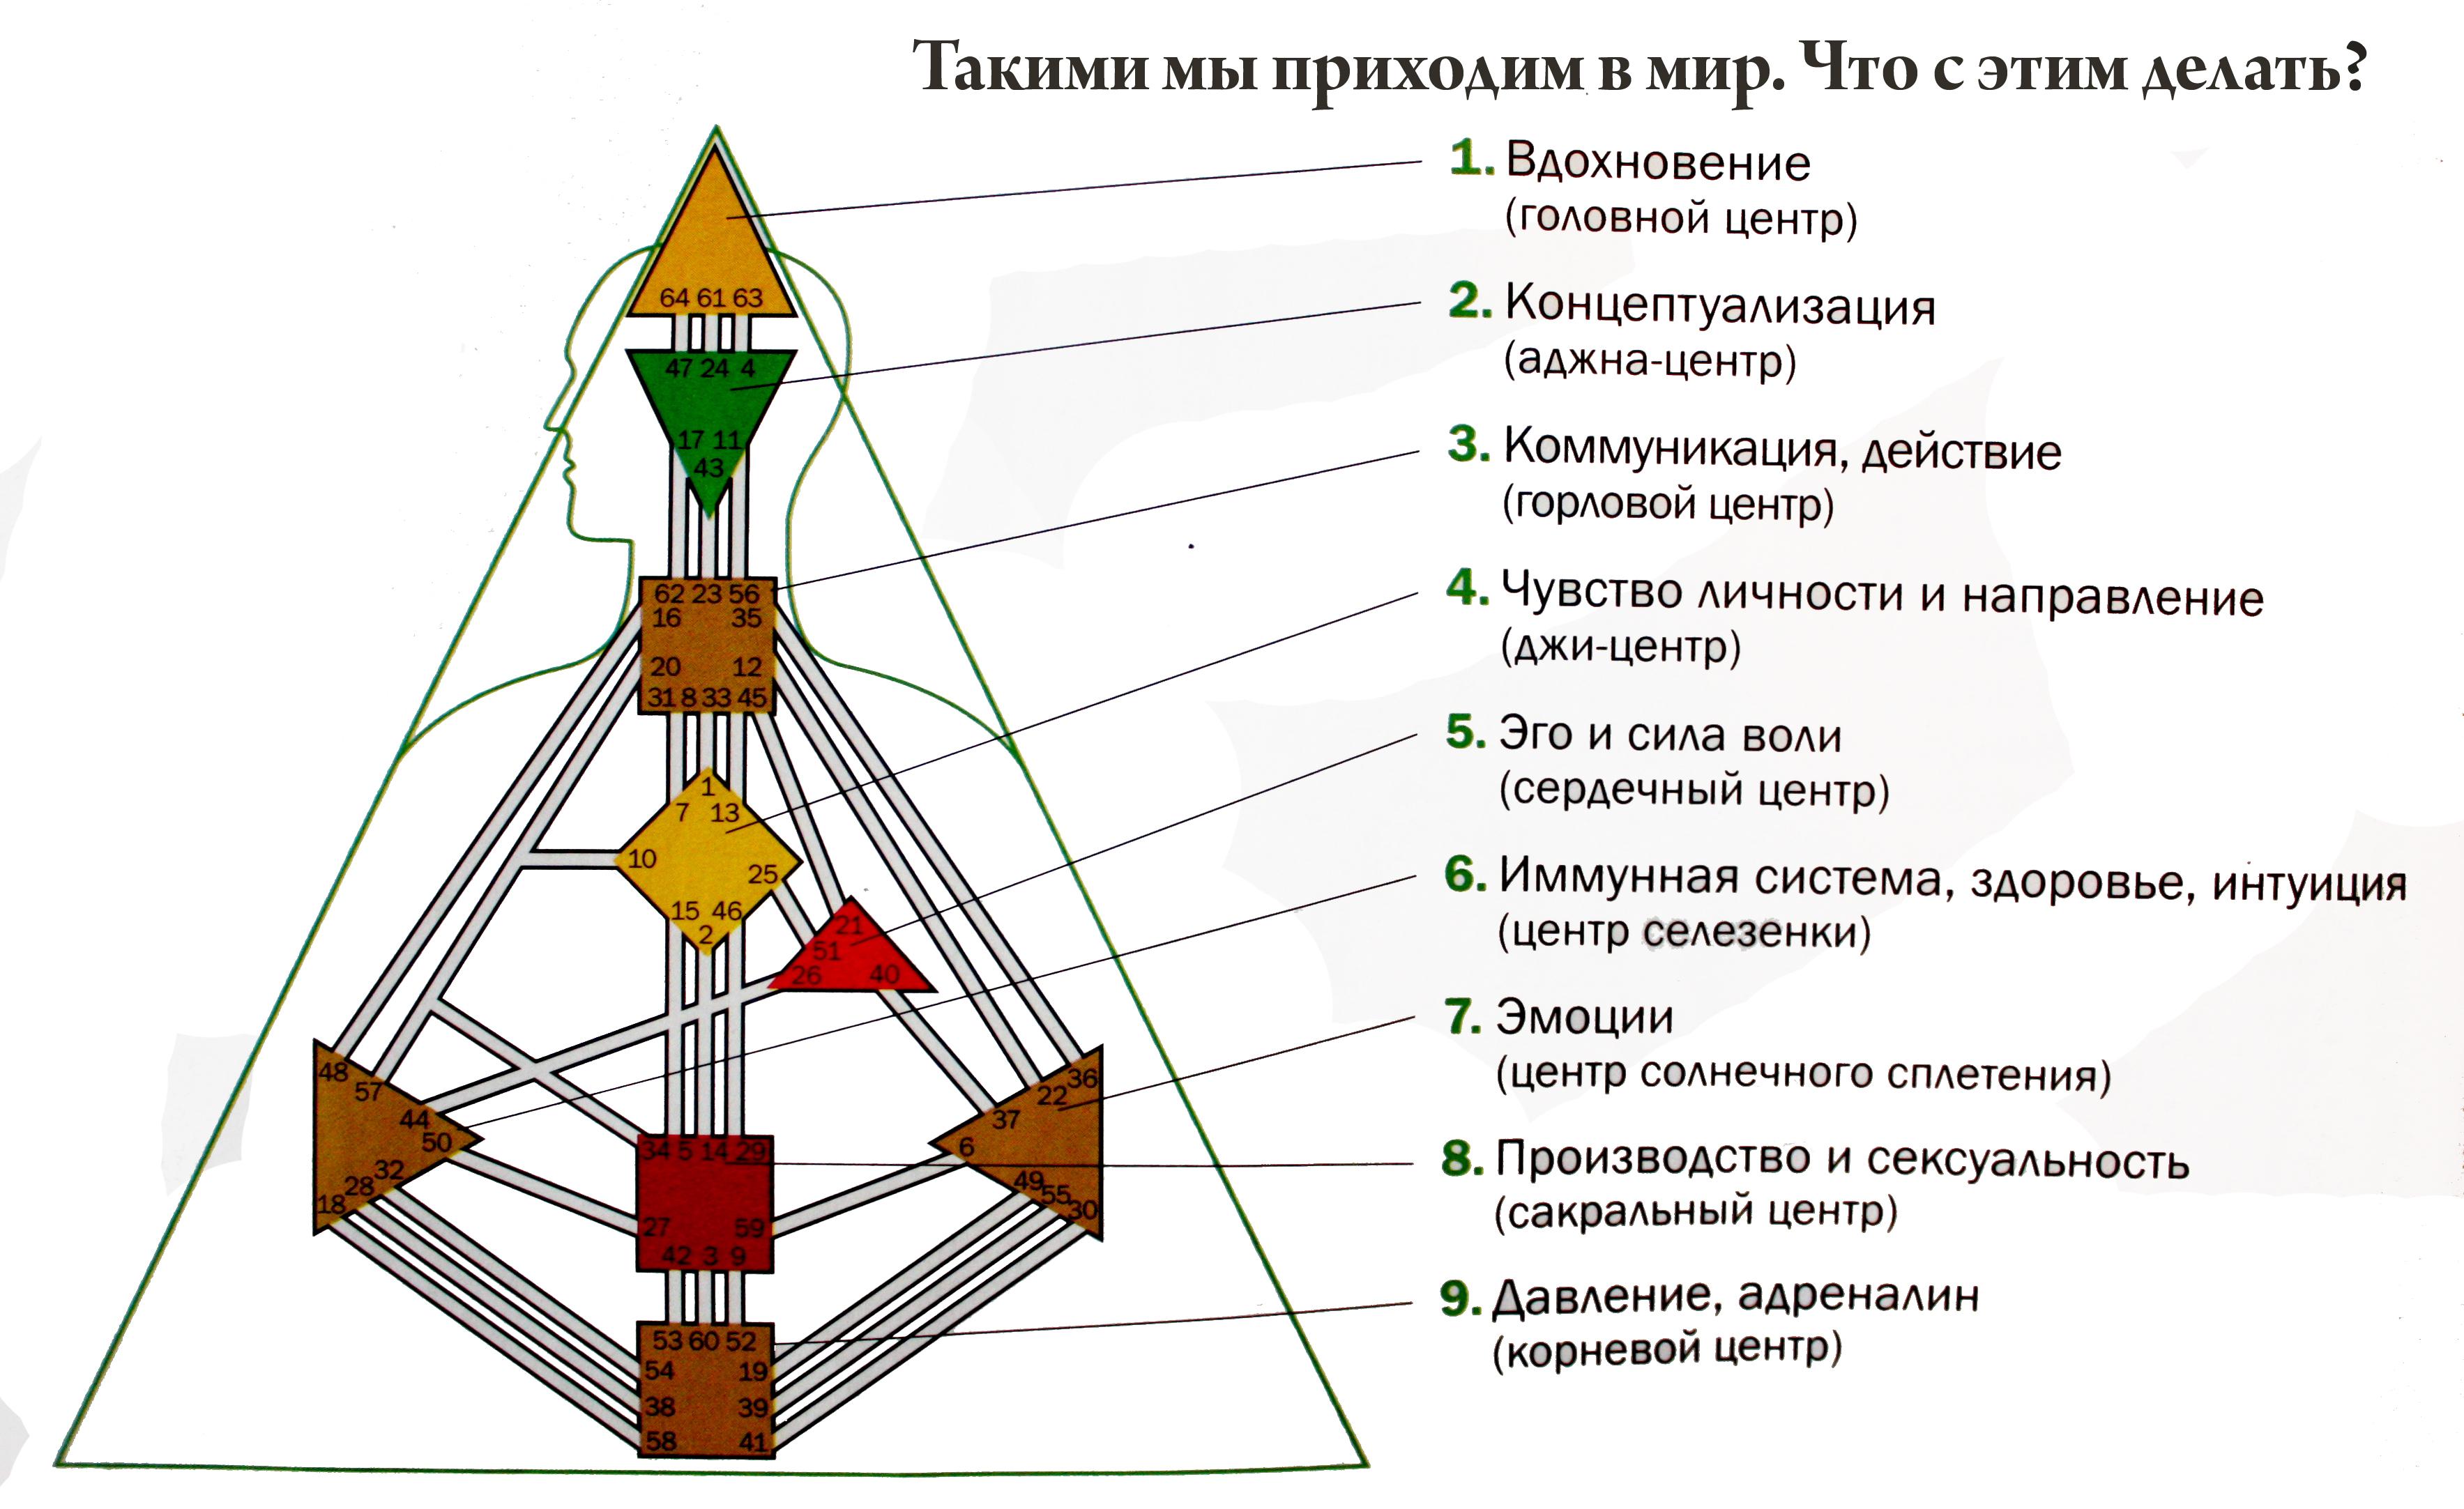 dizajn-cheloveka-1